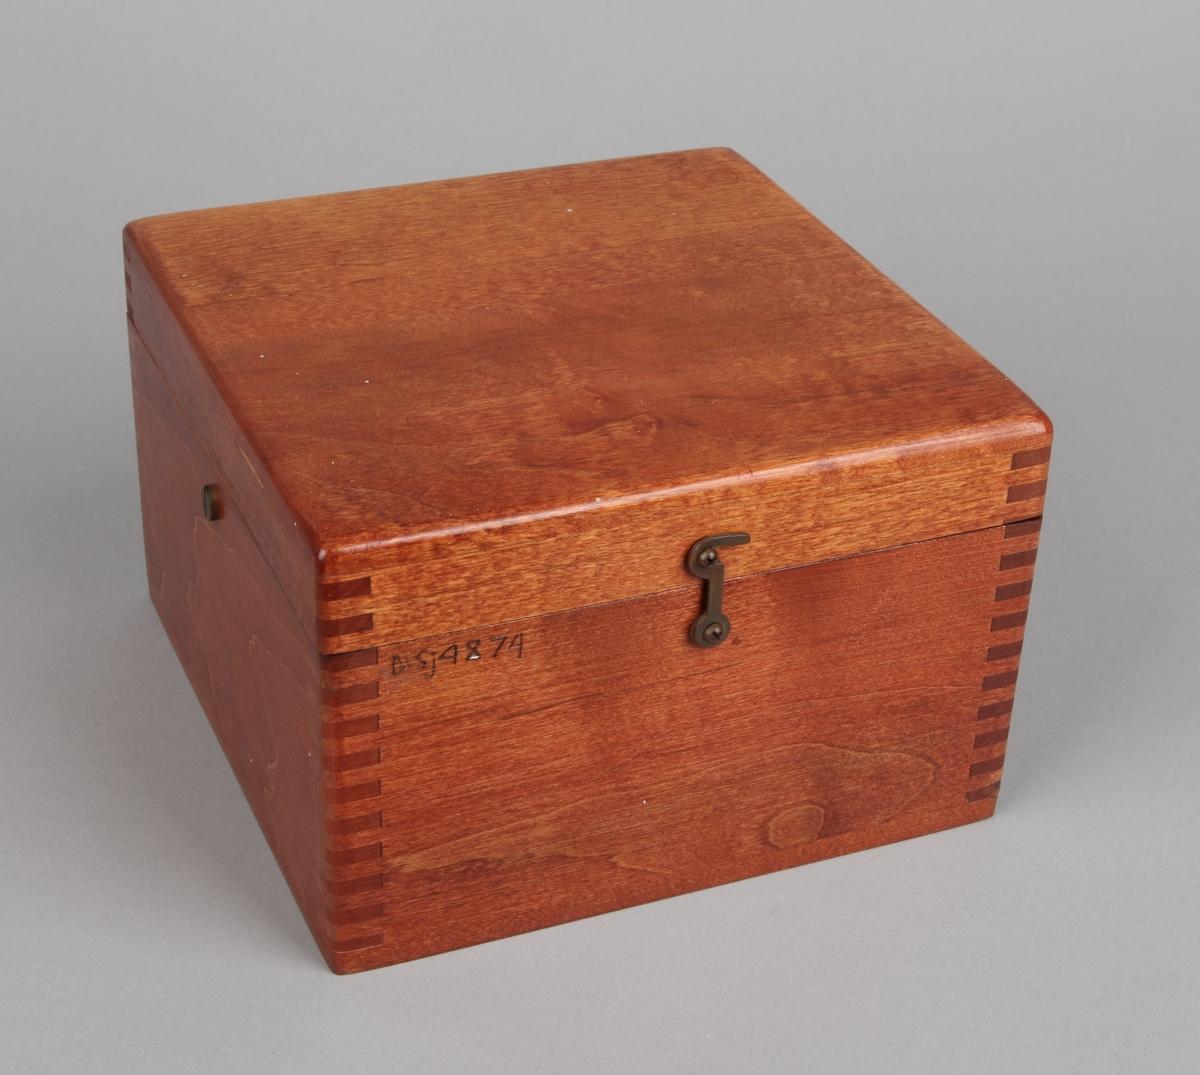 Luftkompass montert i firkantet mahognykasse med løst lokk laget ca. 1900.